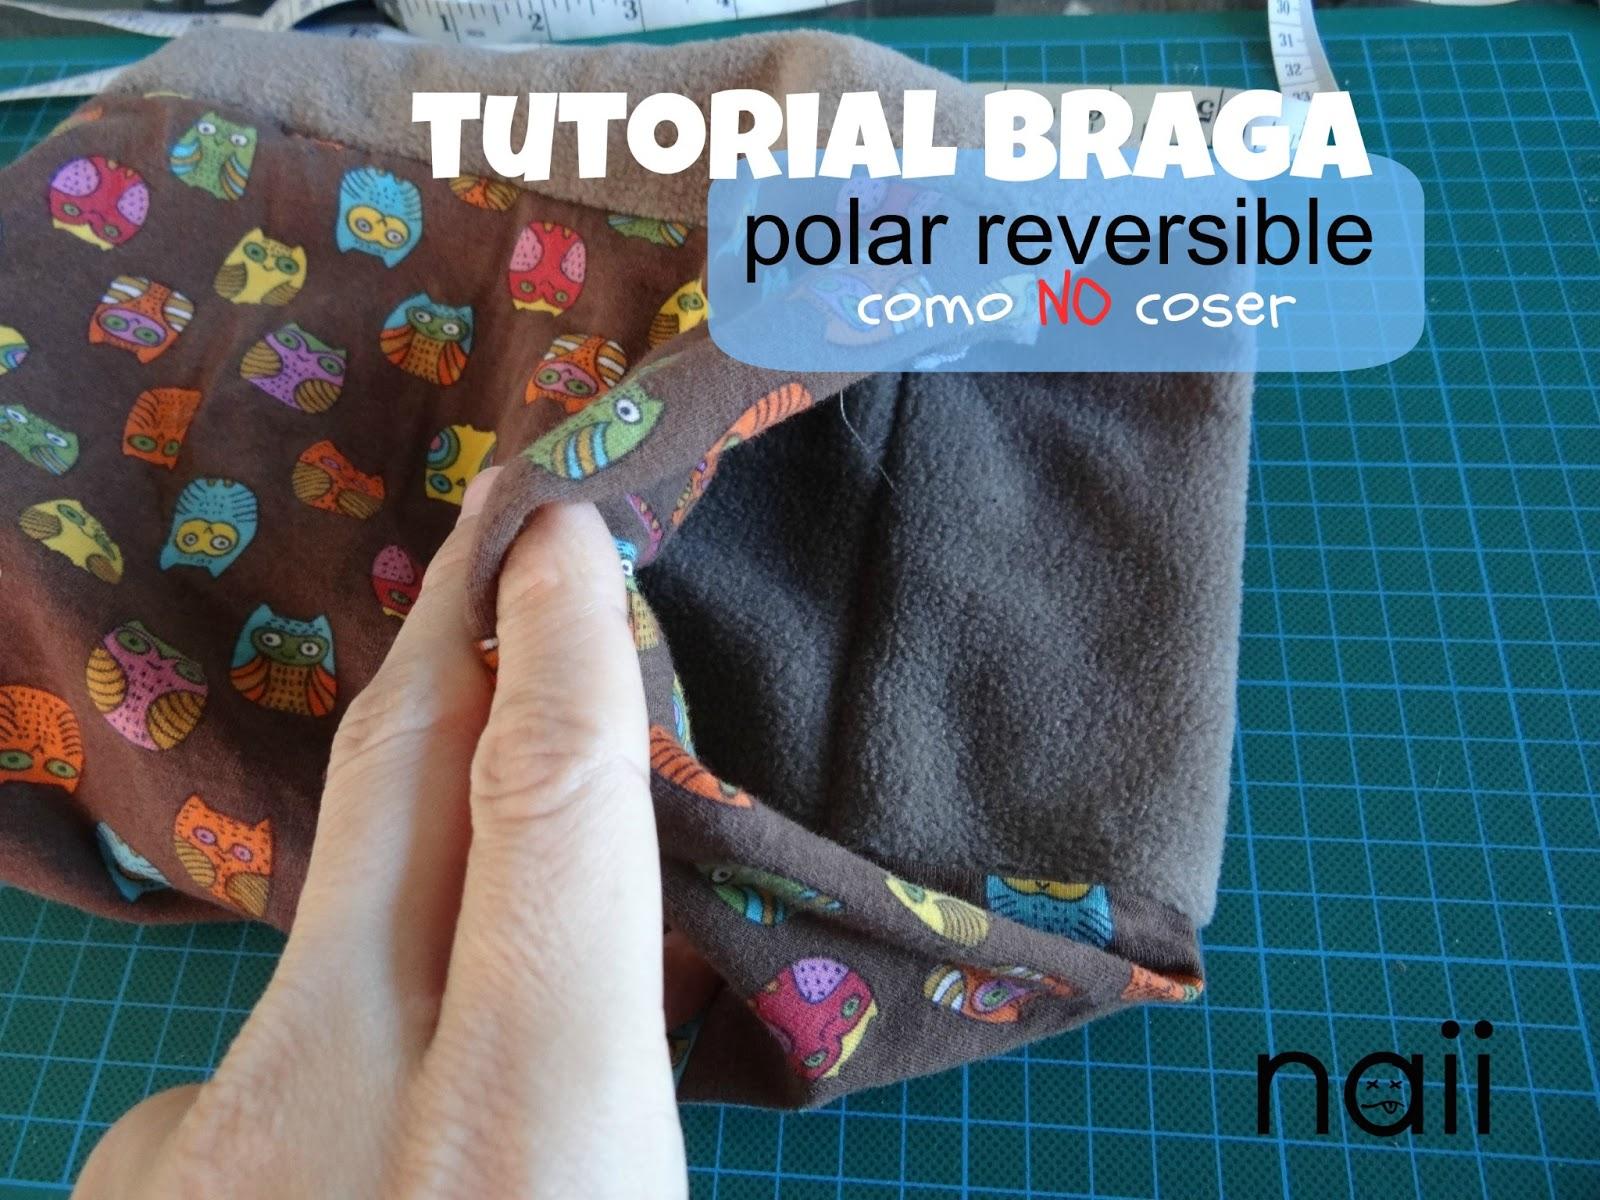 Tutorial como No coser braga polar | Diario de Naii